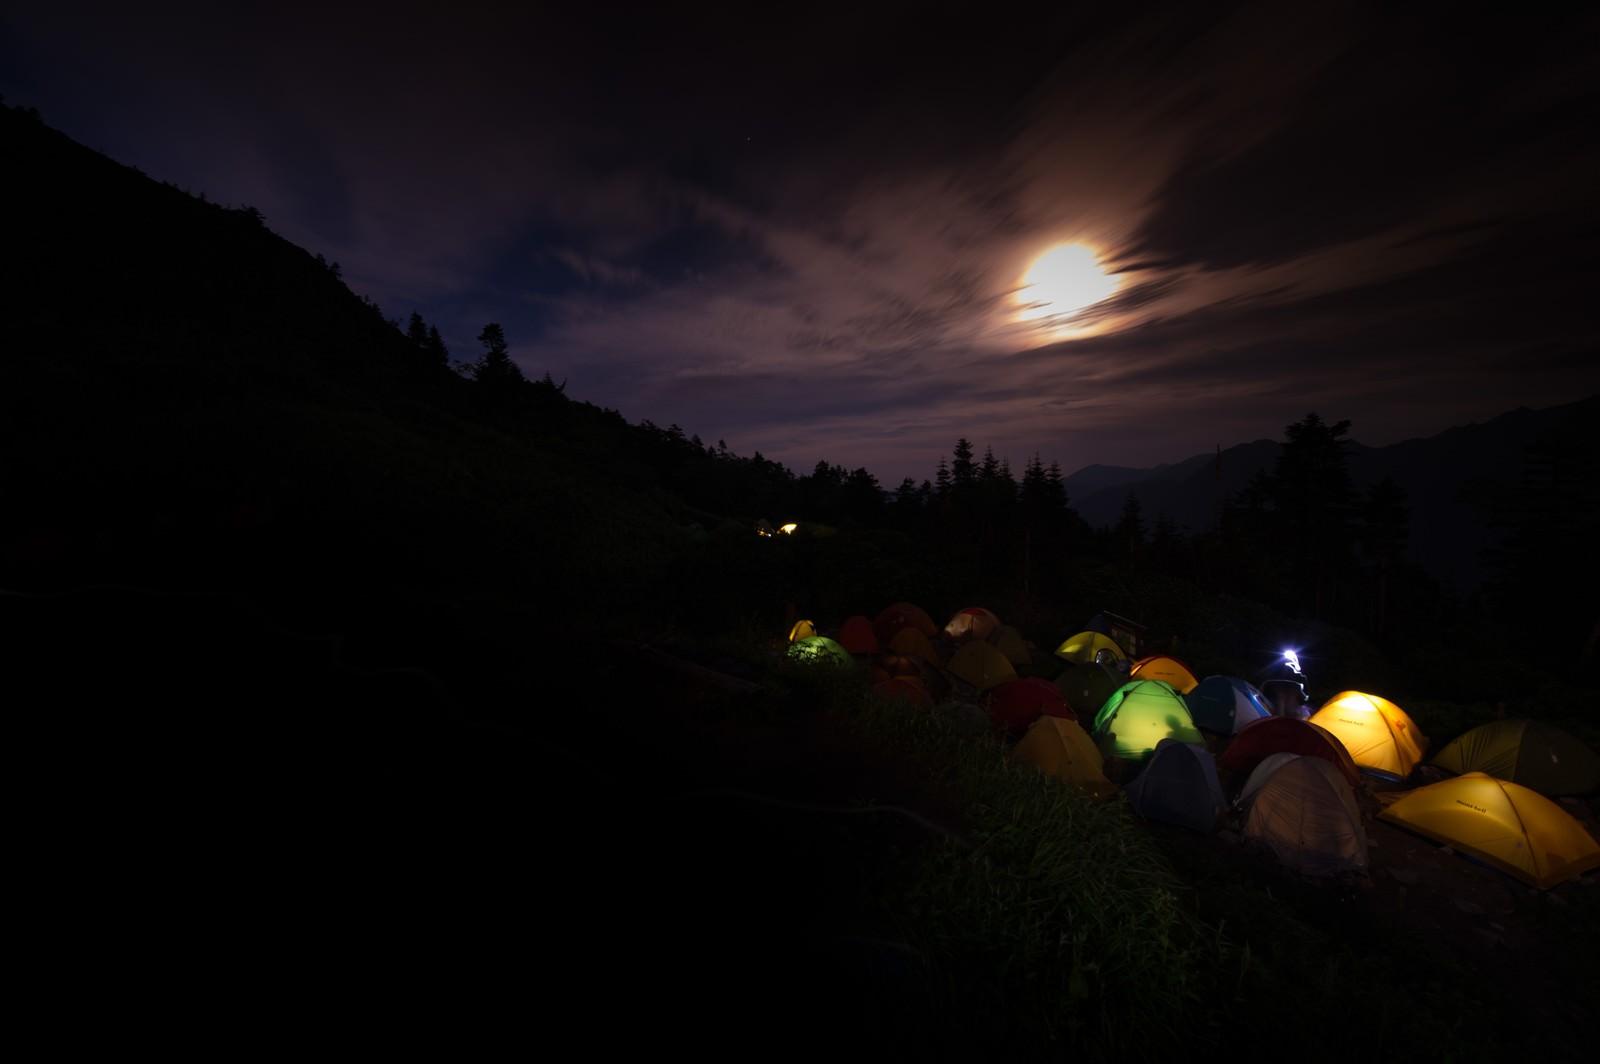 「月明かりが美しい西穂山荘テント場」の写真